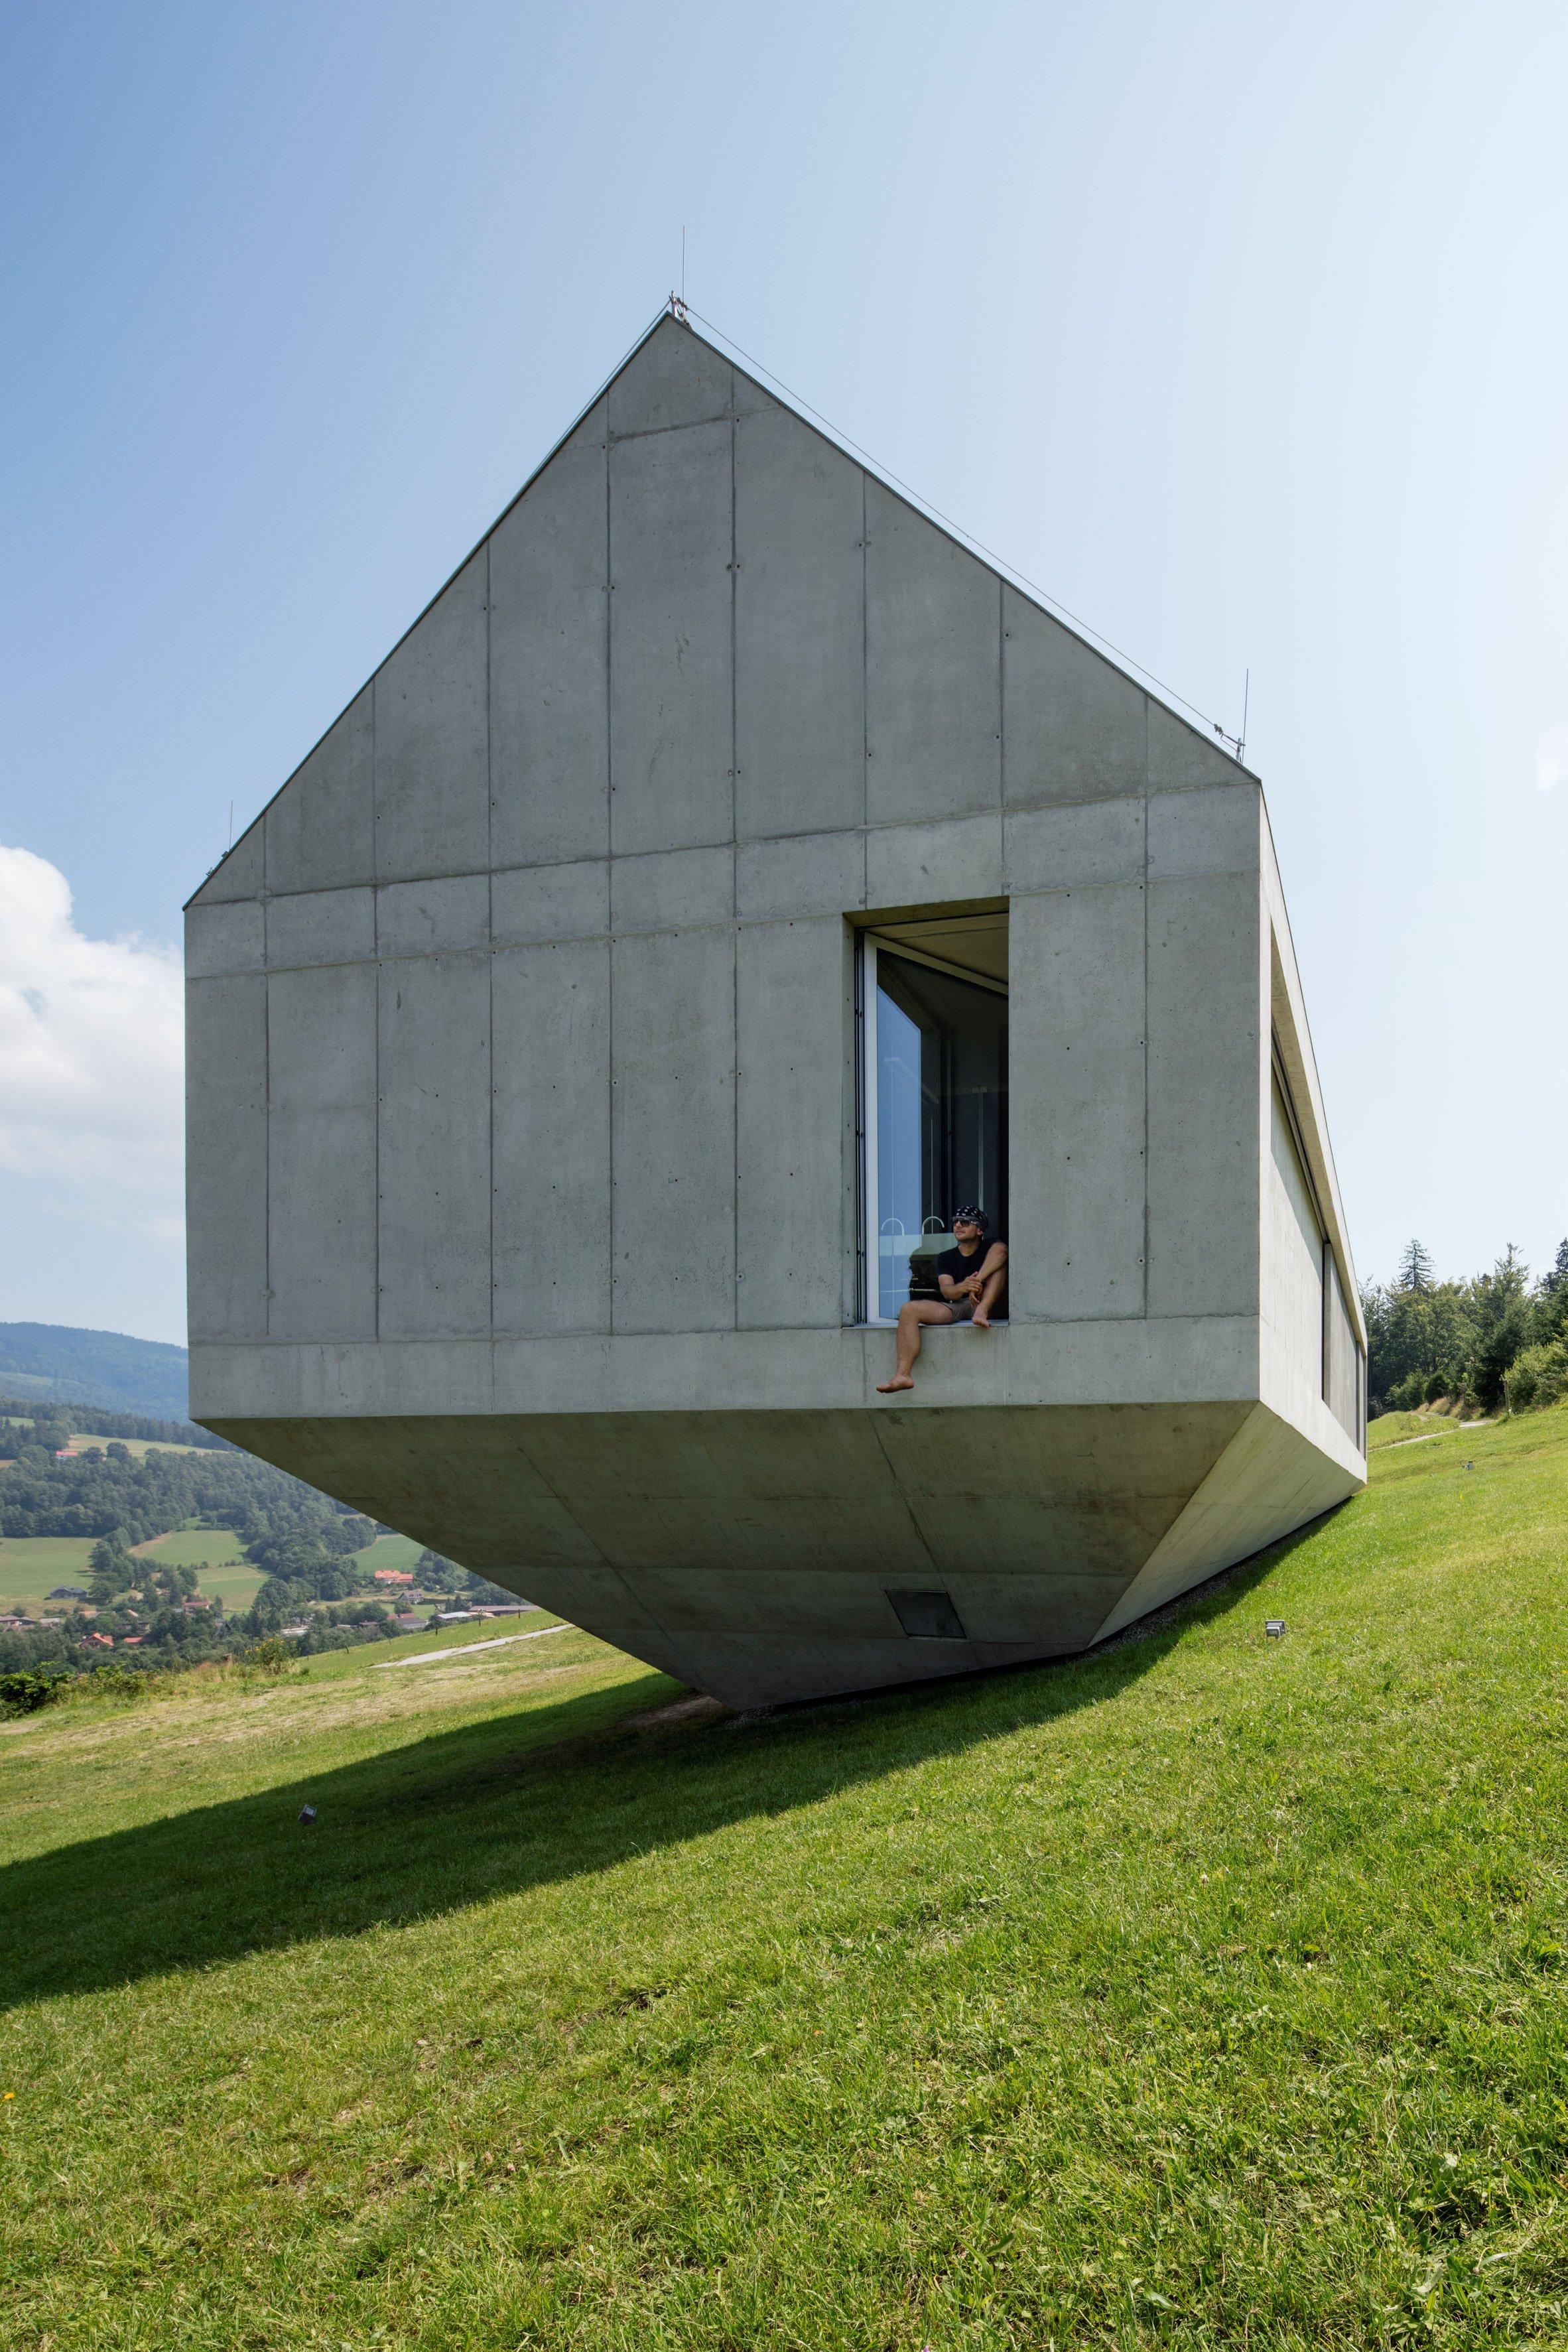 konieczny-ark-robert-konieczny-architecture-residential-krakow-poland-houses_dezeen_2364_col_23